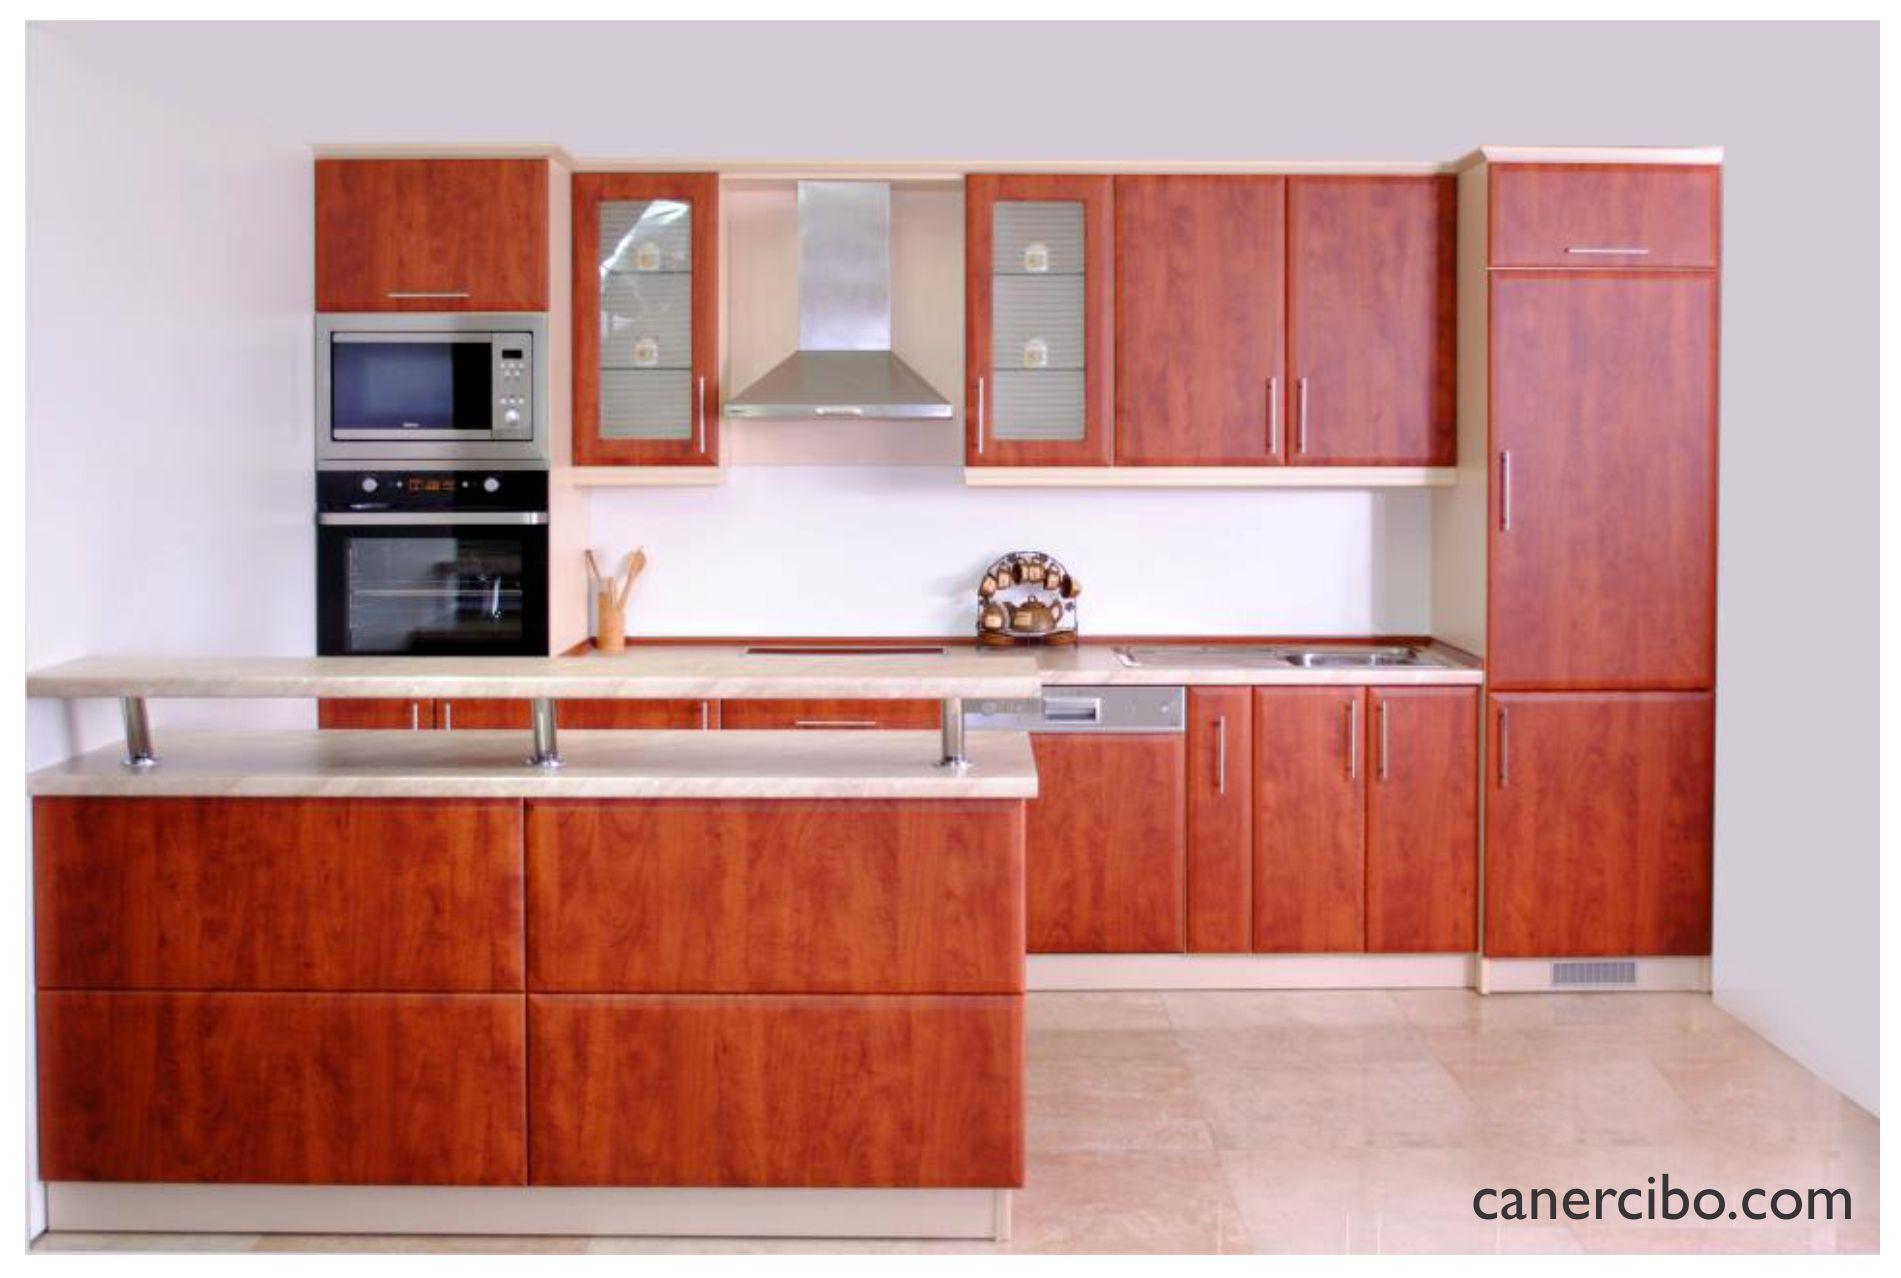 kitchen-11-6